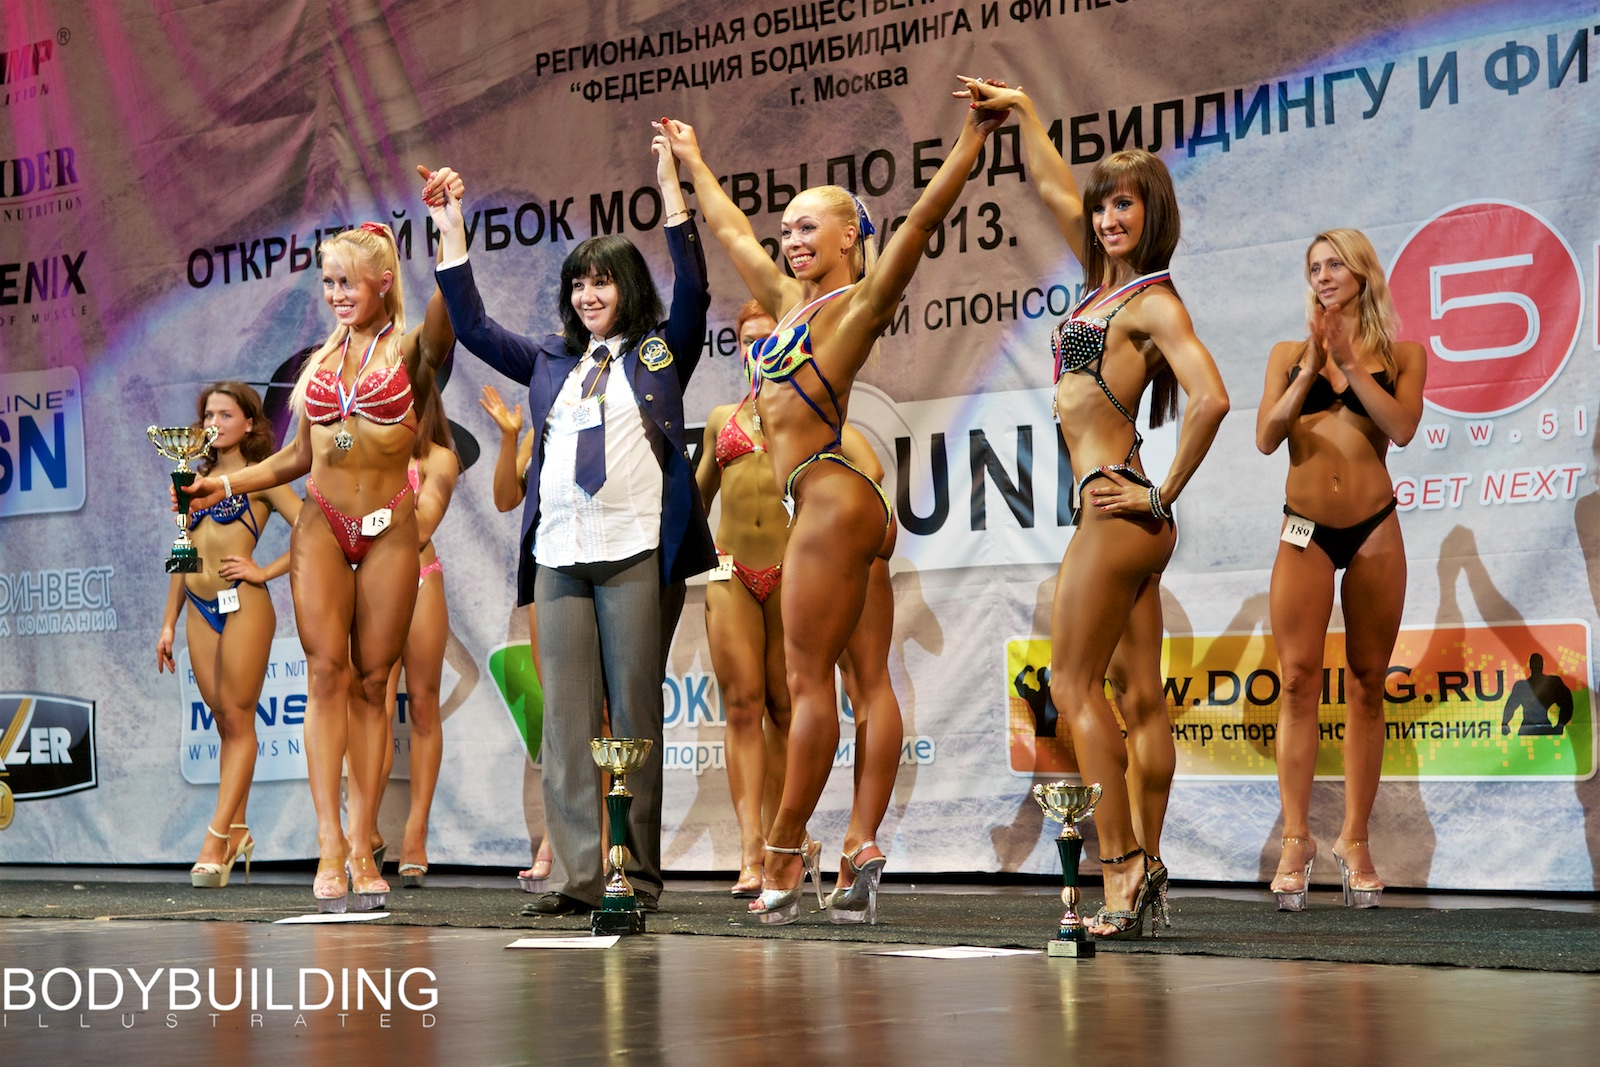 Кубок Москвы, 2013 г. Людмила Никитина, Ивета Стаценко, Екатерина Машинская